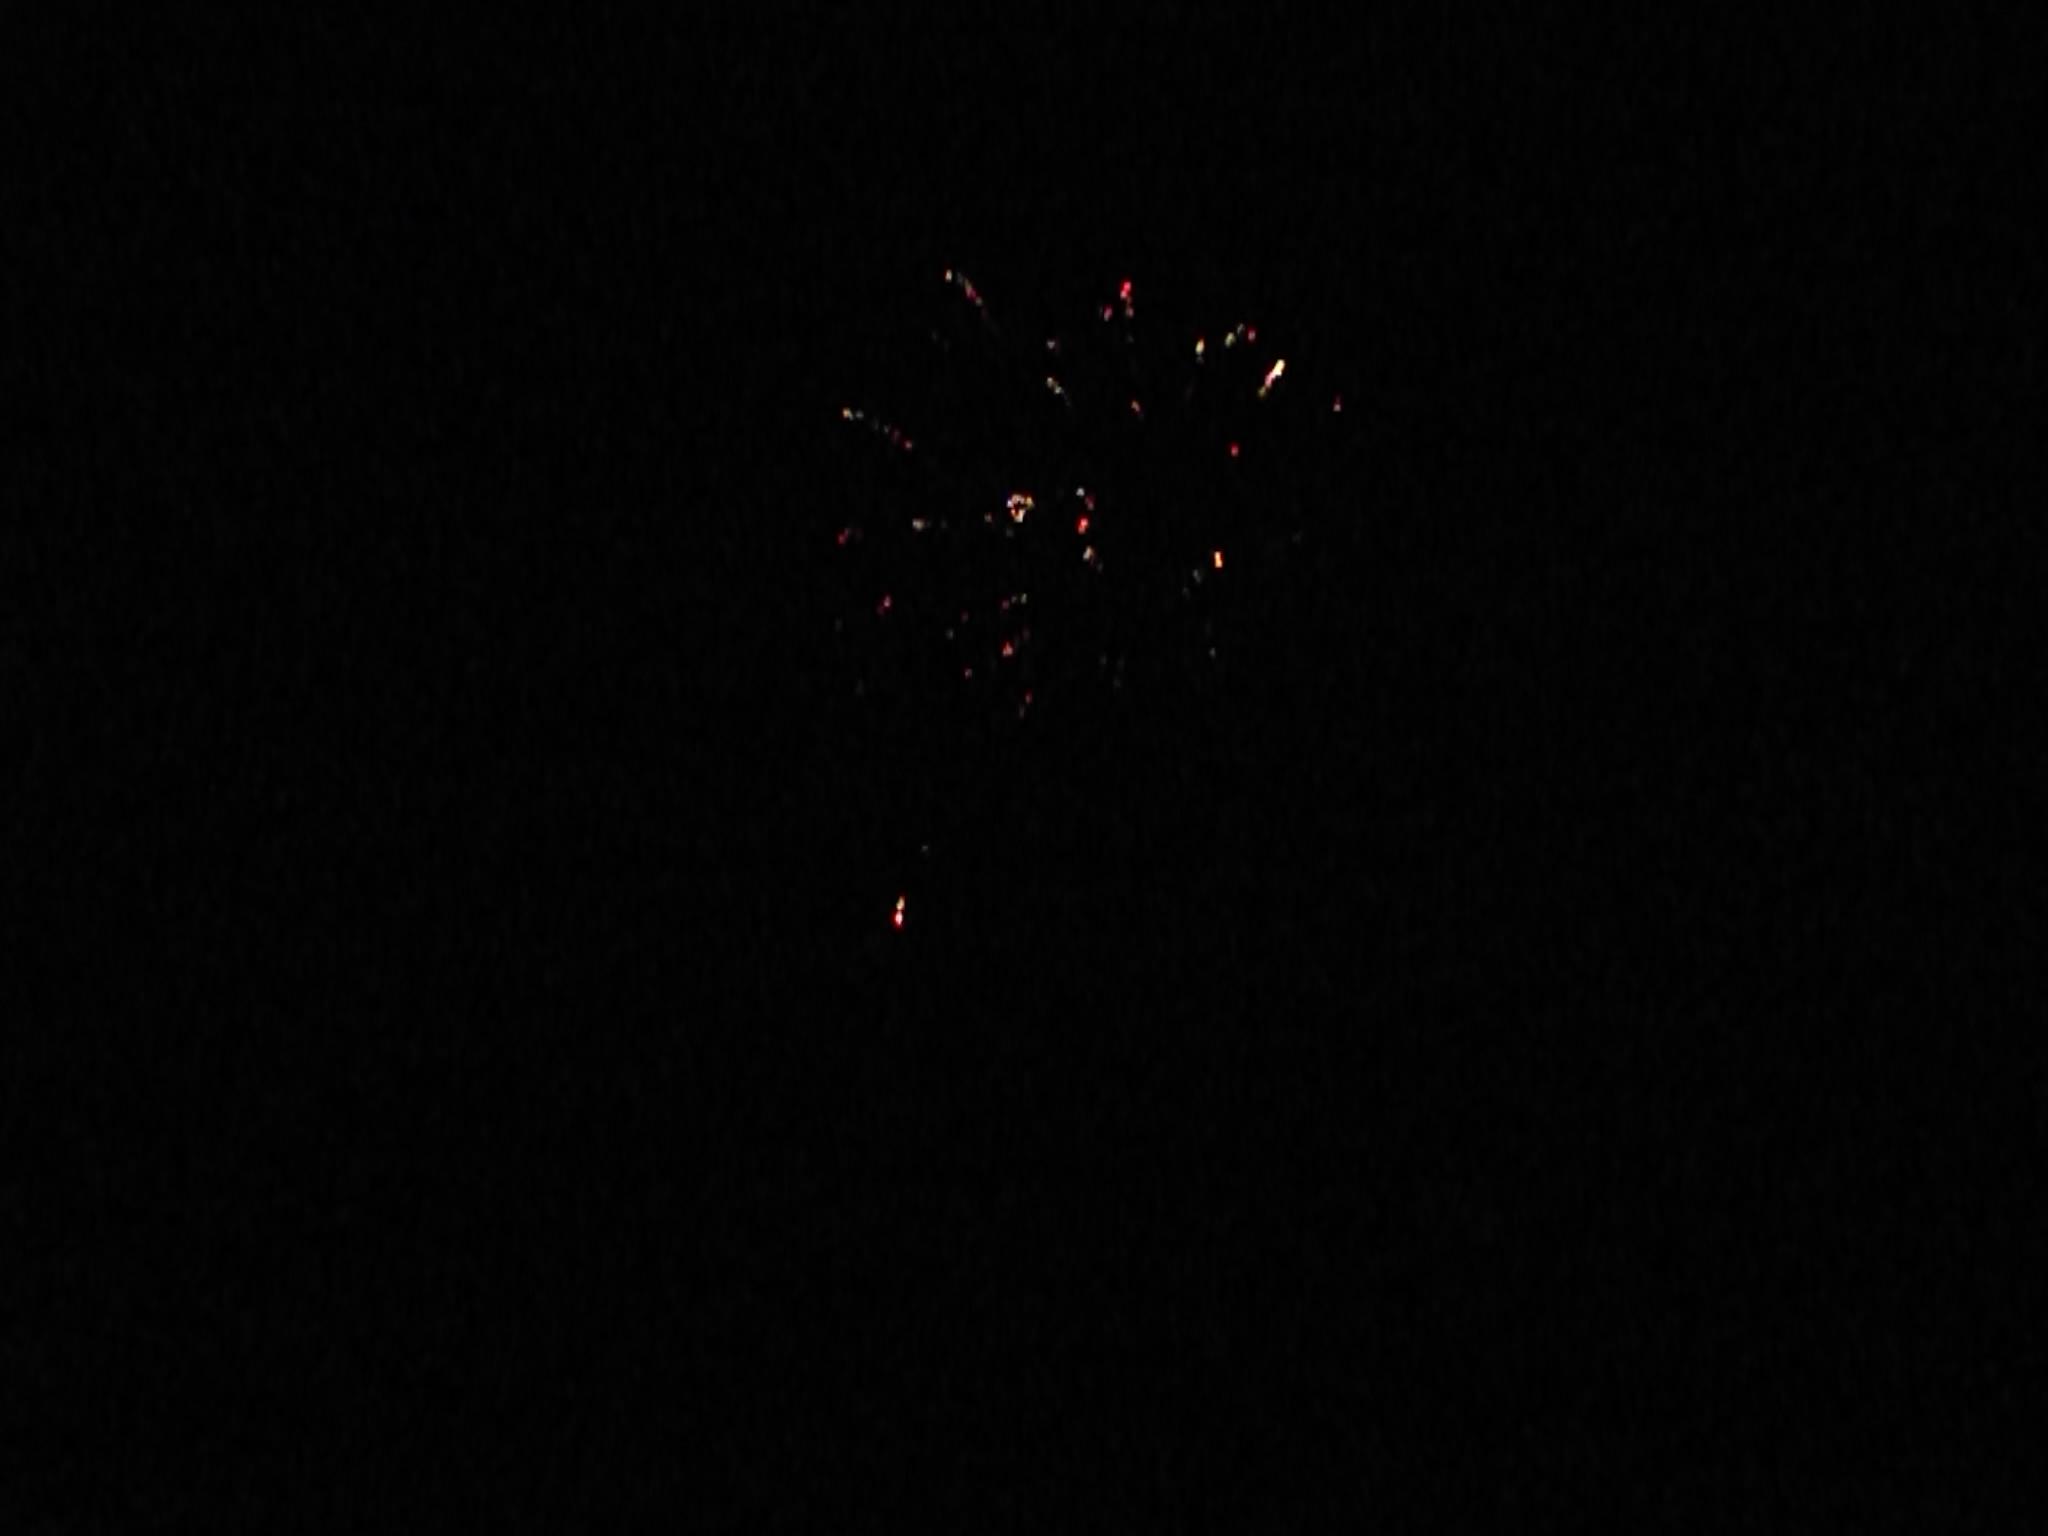 feuerwerk-serie-gif-4512